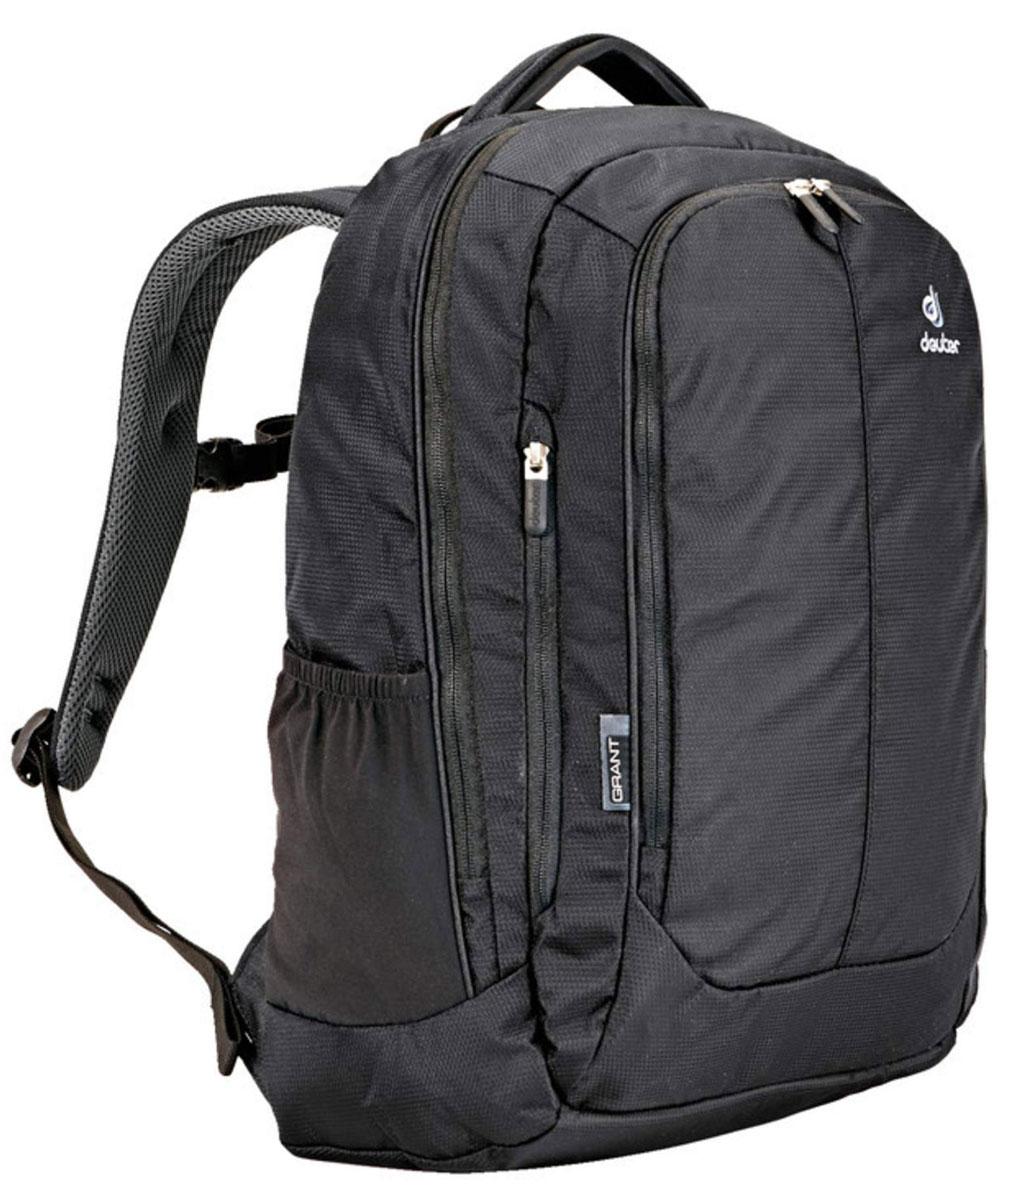 Рюкзак туристический Deuter Grant, цвет: черный, 24 л городской рюкзак deuter giga с отделением для ноутбука серый 28 л 80414 7712